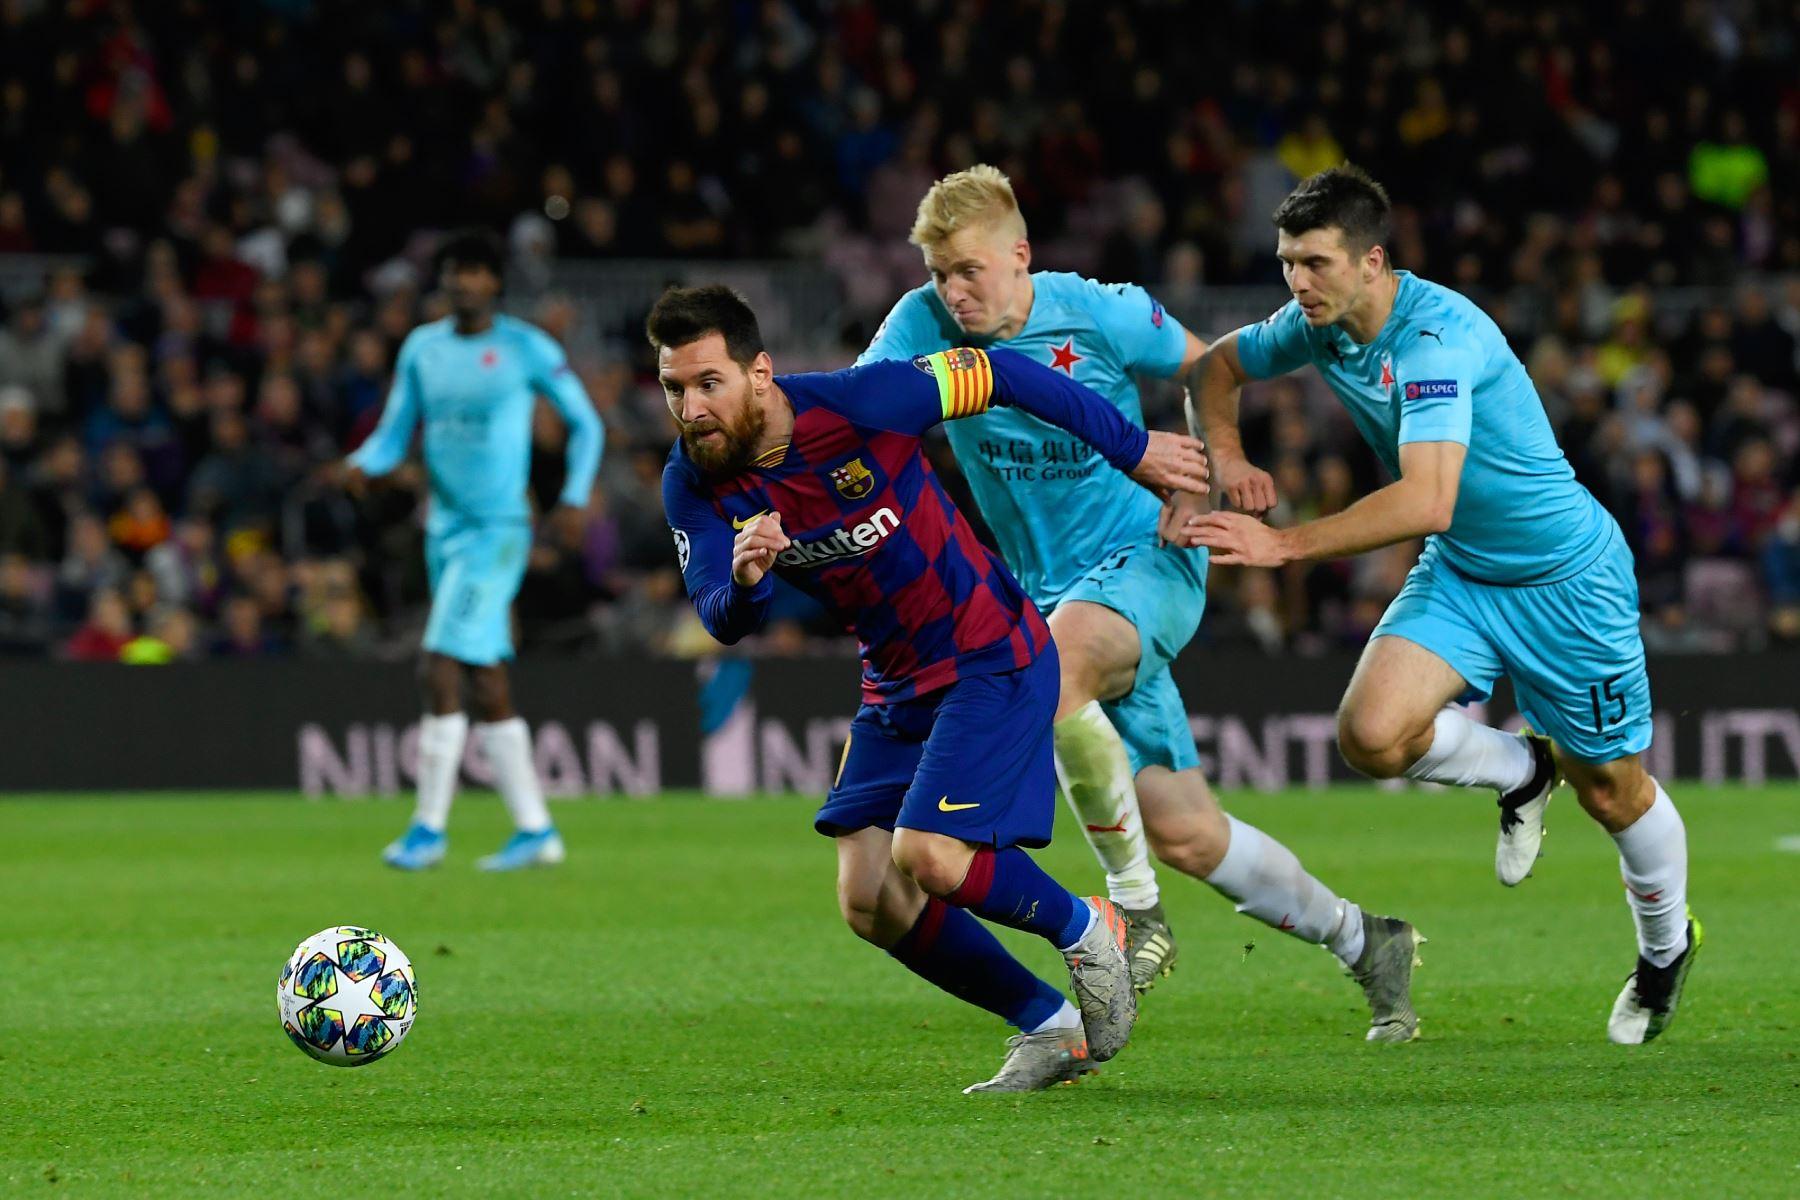 El delantero argentino de Barcelona Lionel Messi corre por el balón durante el partido de fútbol del grupo F de la UEFA Champions League entre el FC Barcelona y el SK Slavia Prague. Foto: AFP